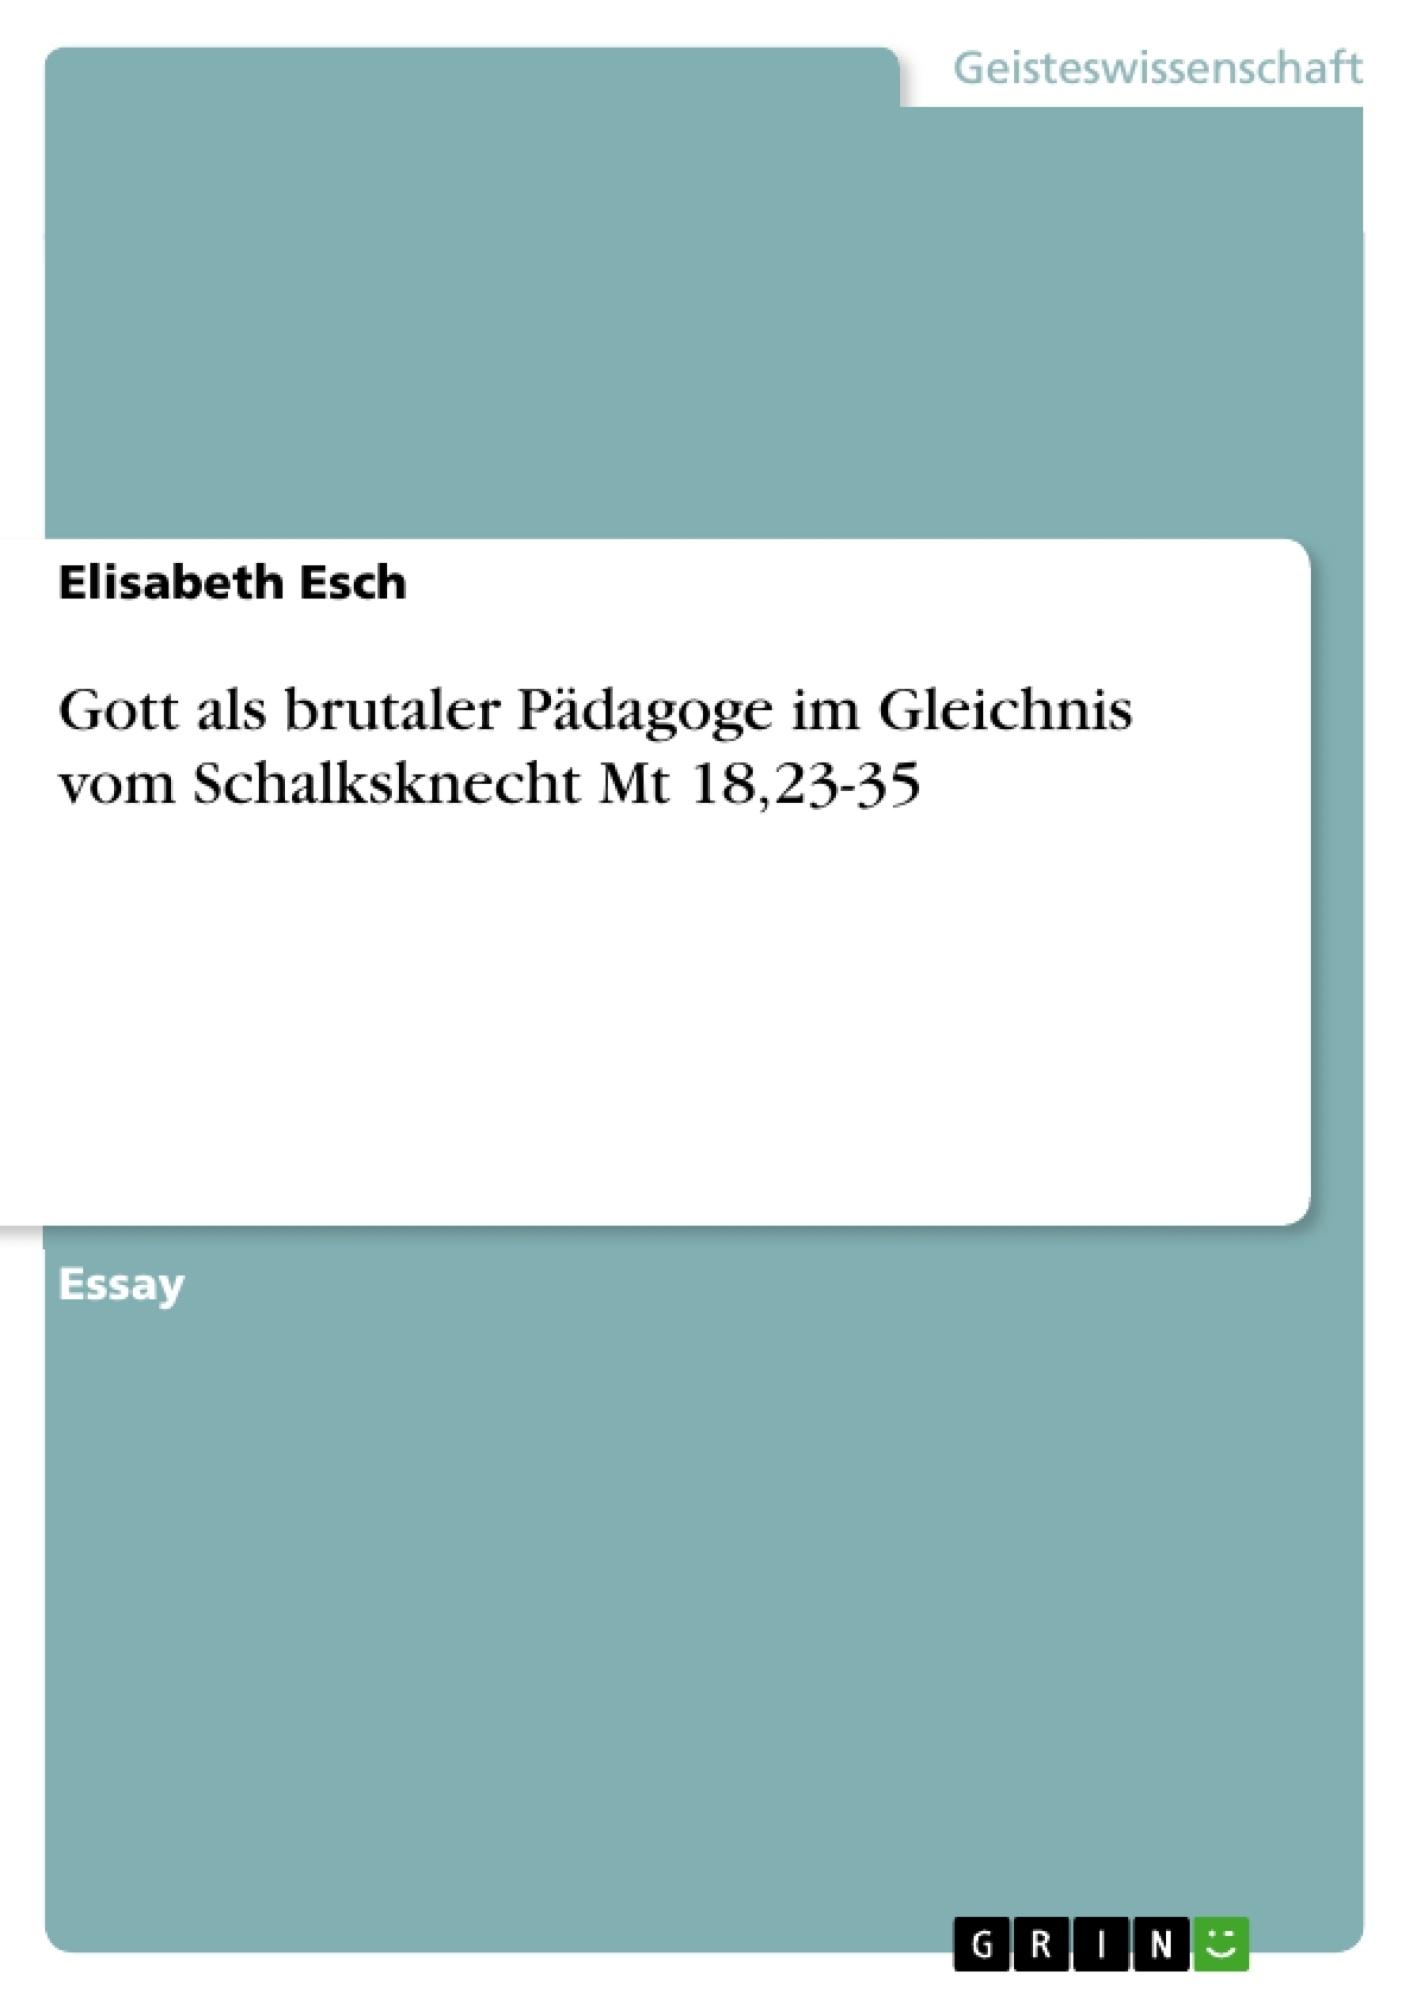 Titel: Gott als brutaler Pädagoge im Gleichnis vom Schalksknecht Mt 18,23-35